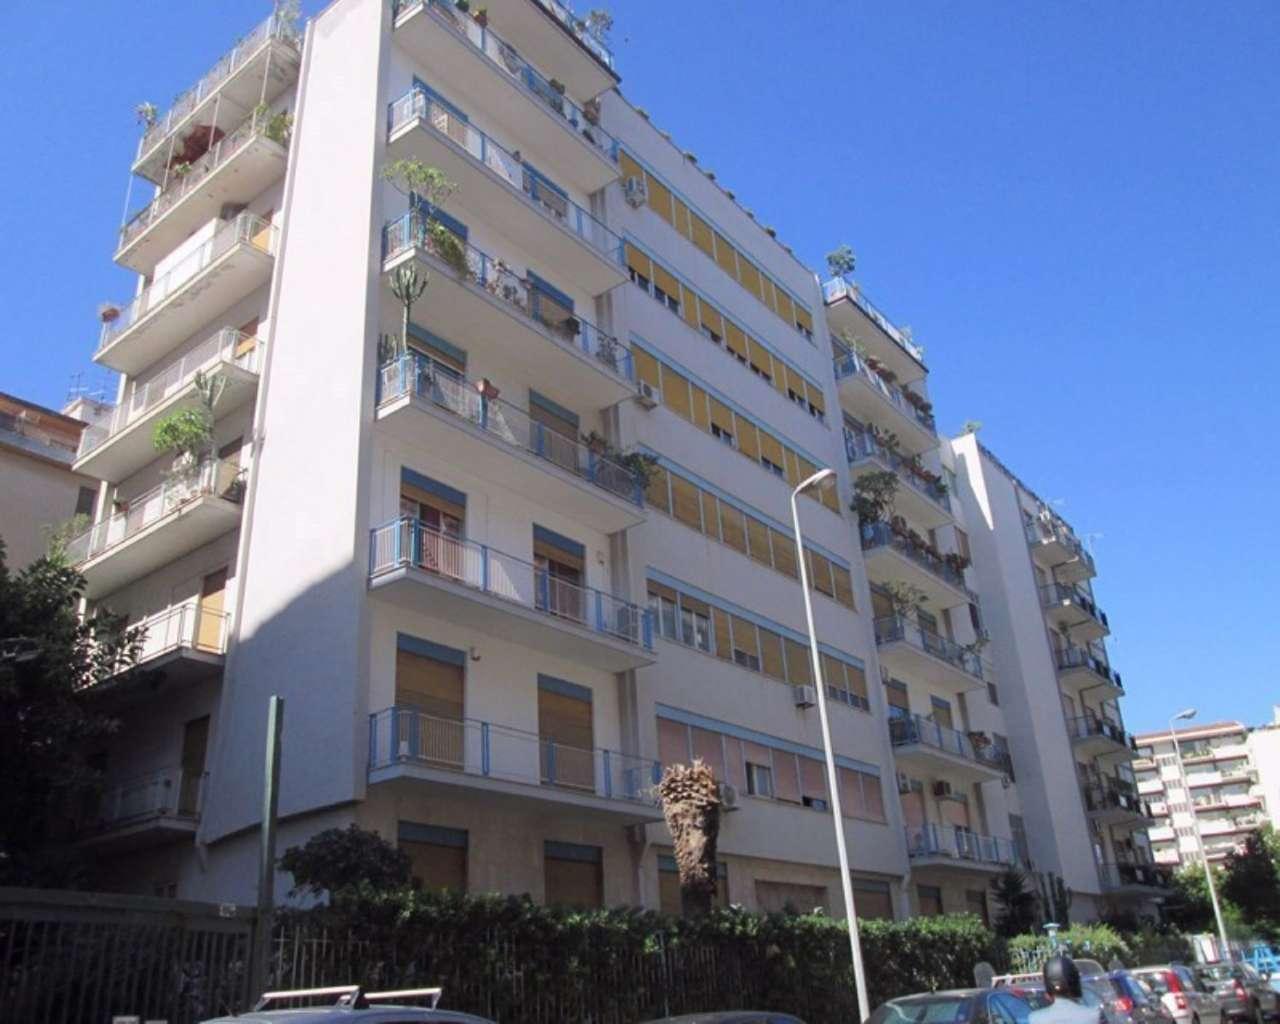 Appartamento in Vendita a Palermo Centro: 3 locali, 105 mq